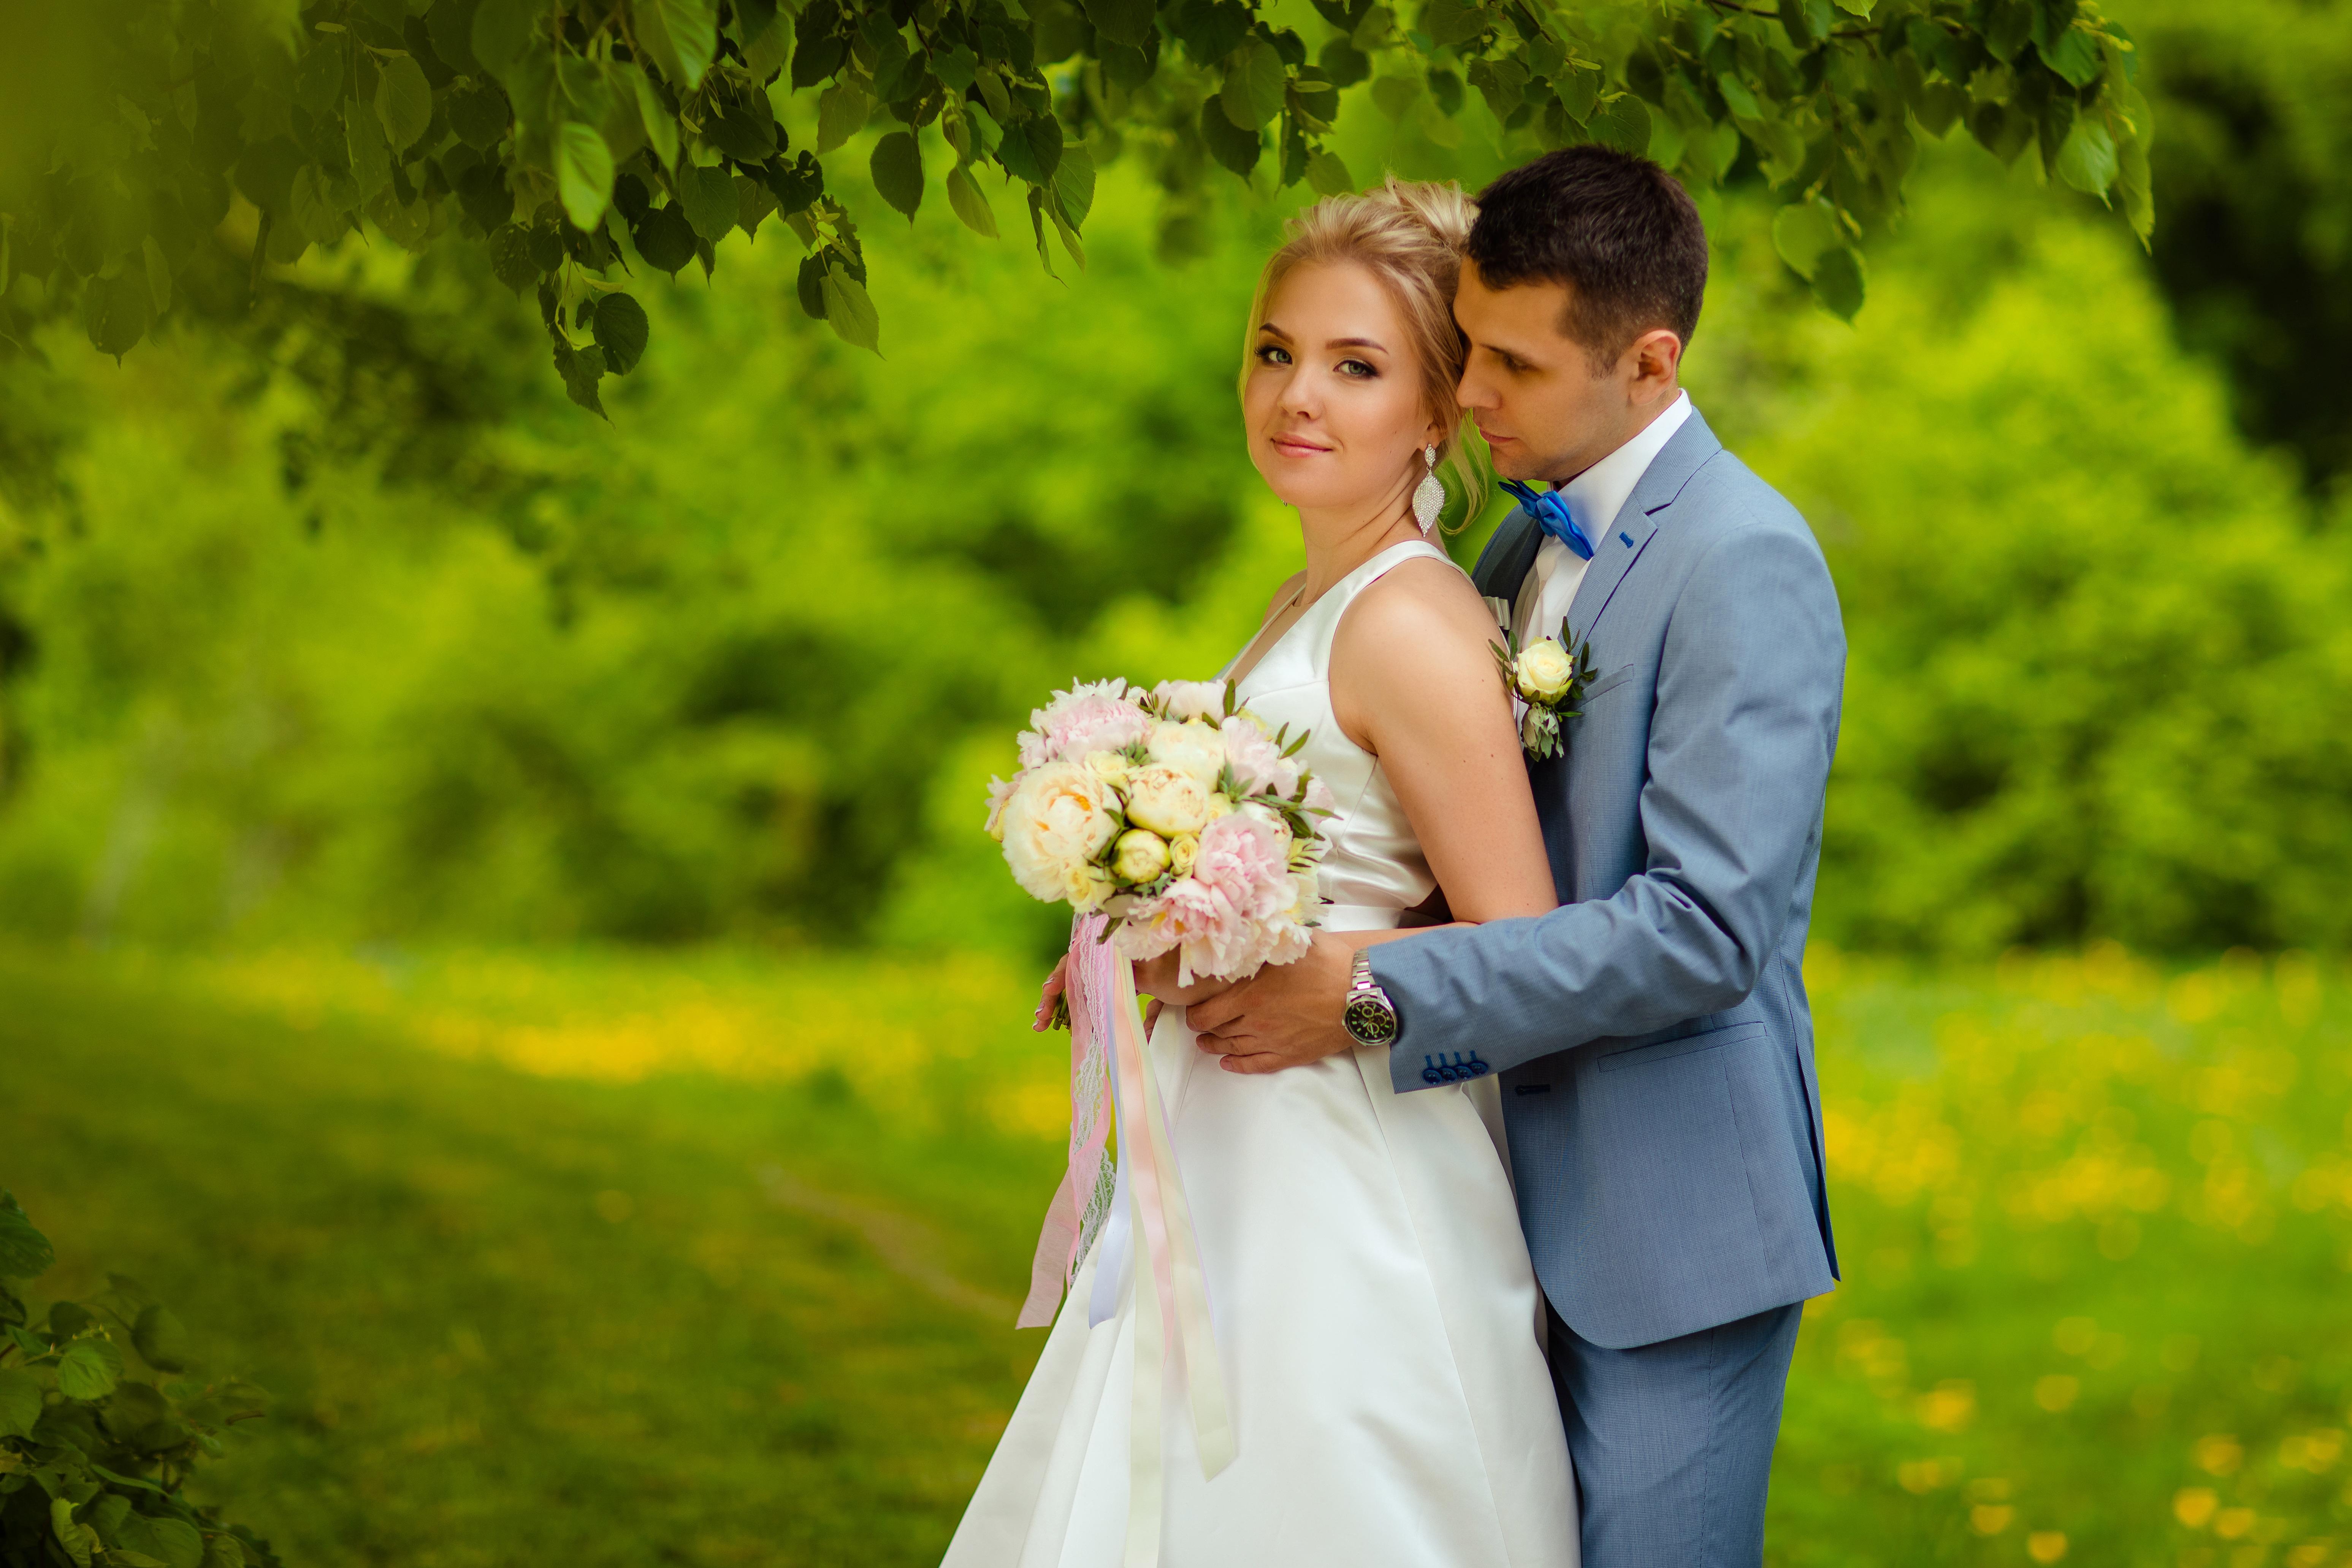 Картинка Жених Невеста Блондинка Мужчины Букеты Двое Девушки 6188x4125 2 вдвоем